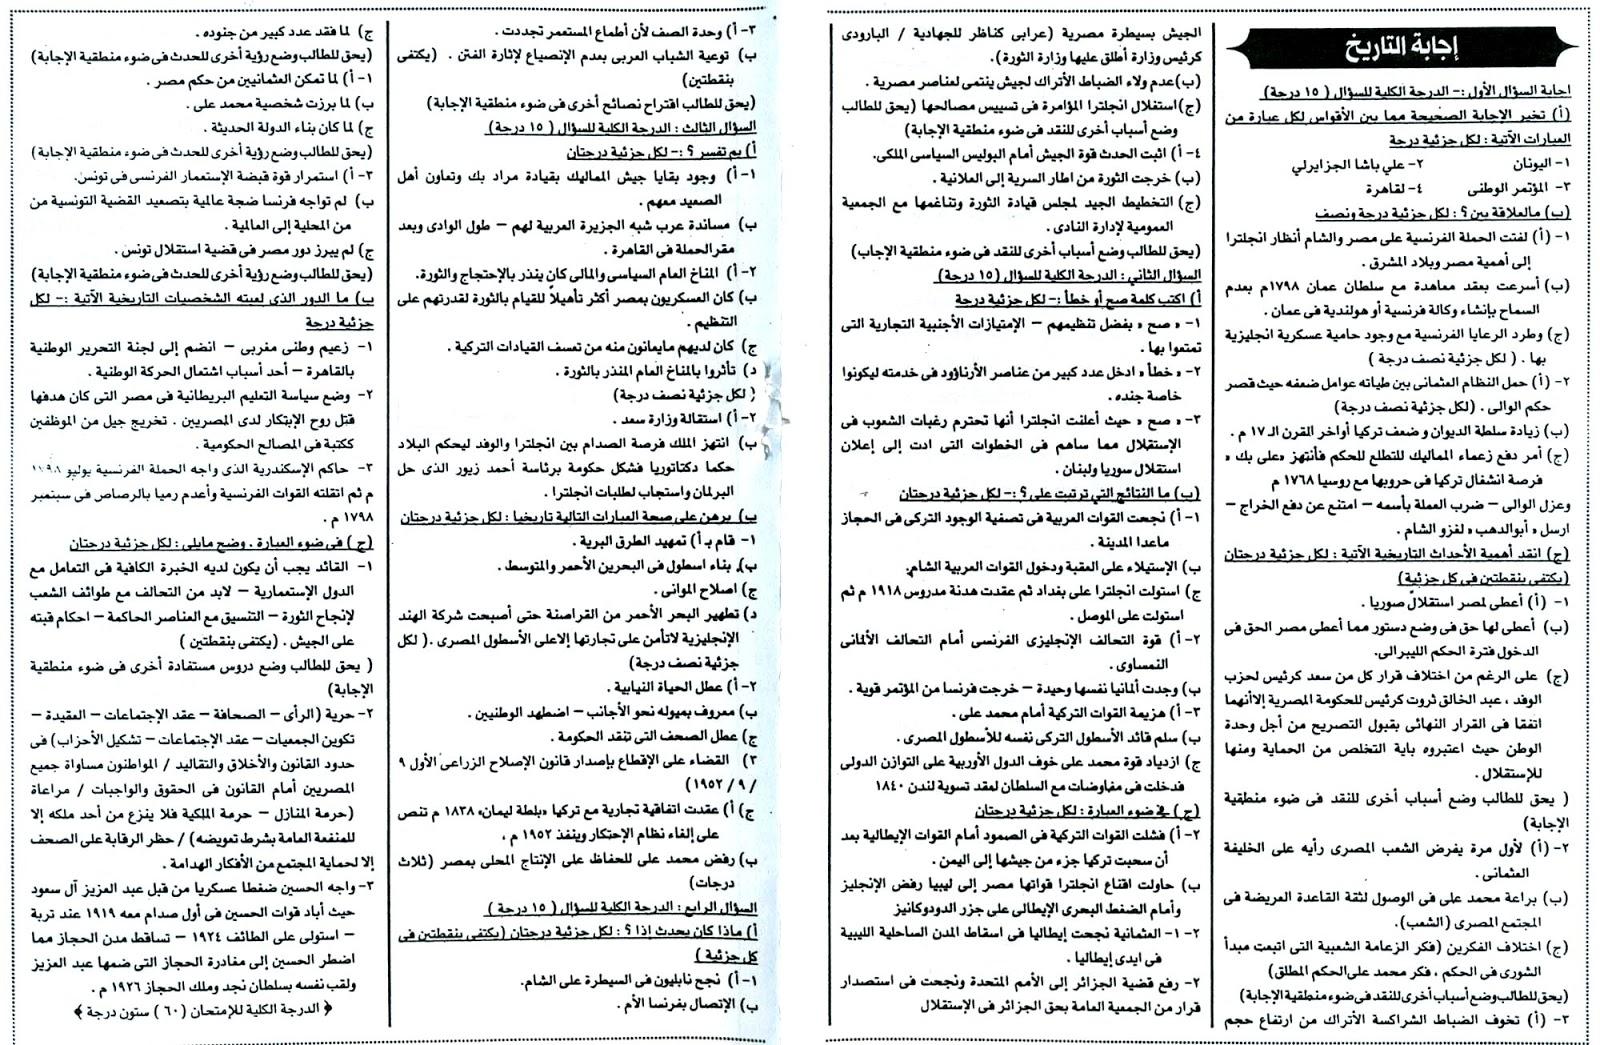 امتحان التاريخ 2016 للثانوية العامة المصرية بالسودان 001